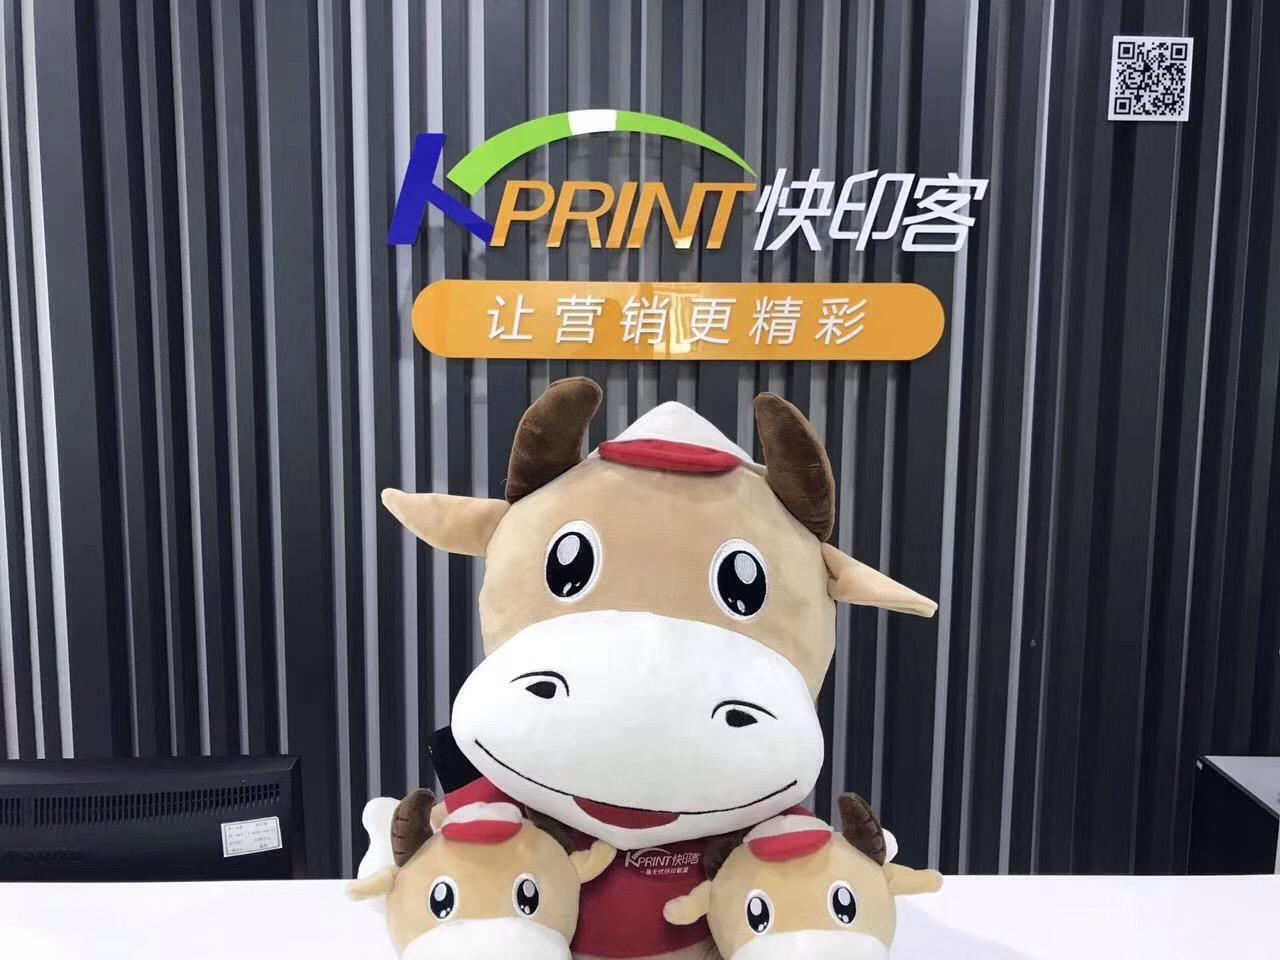 深圳市快印客电子商务有限公司加盟